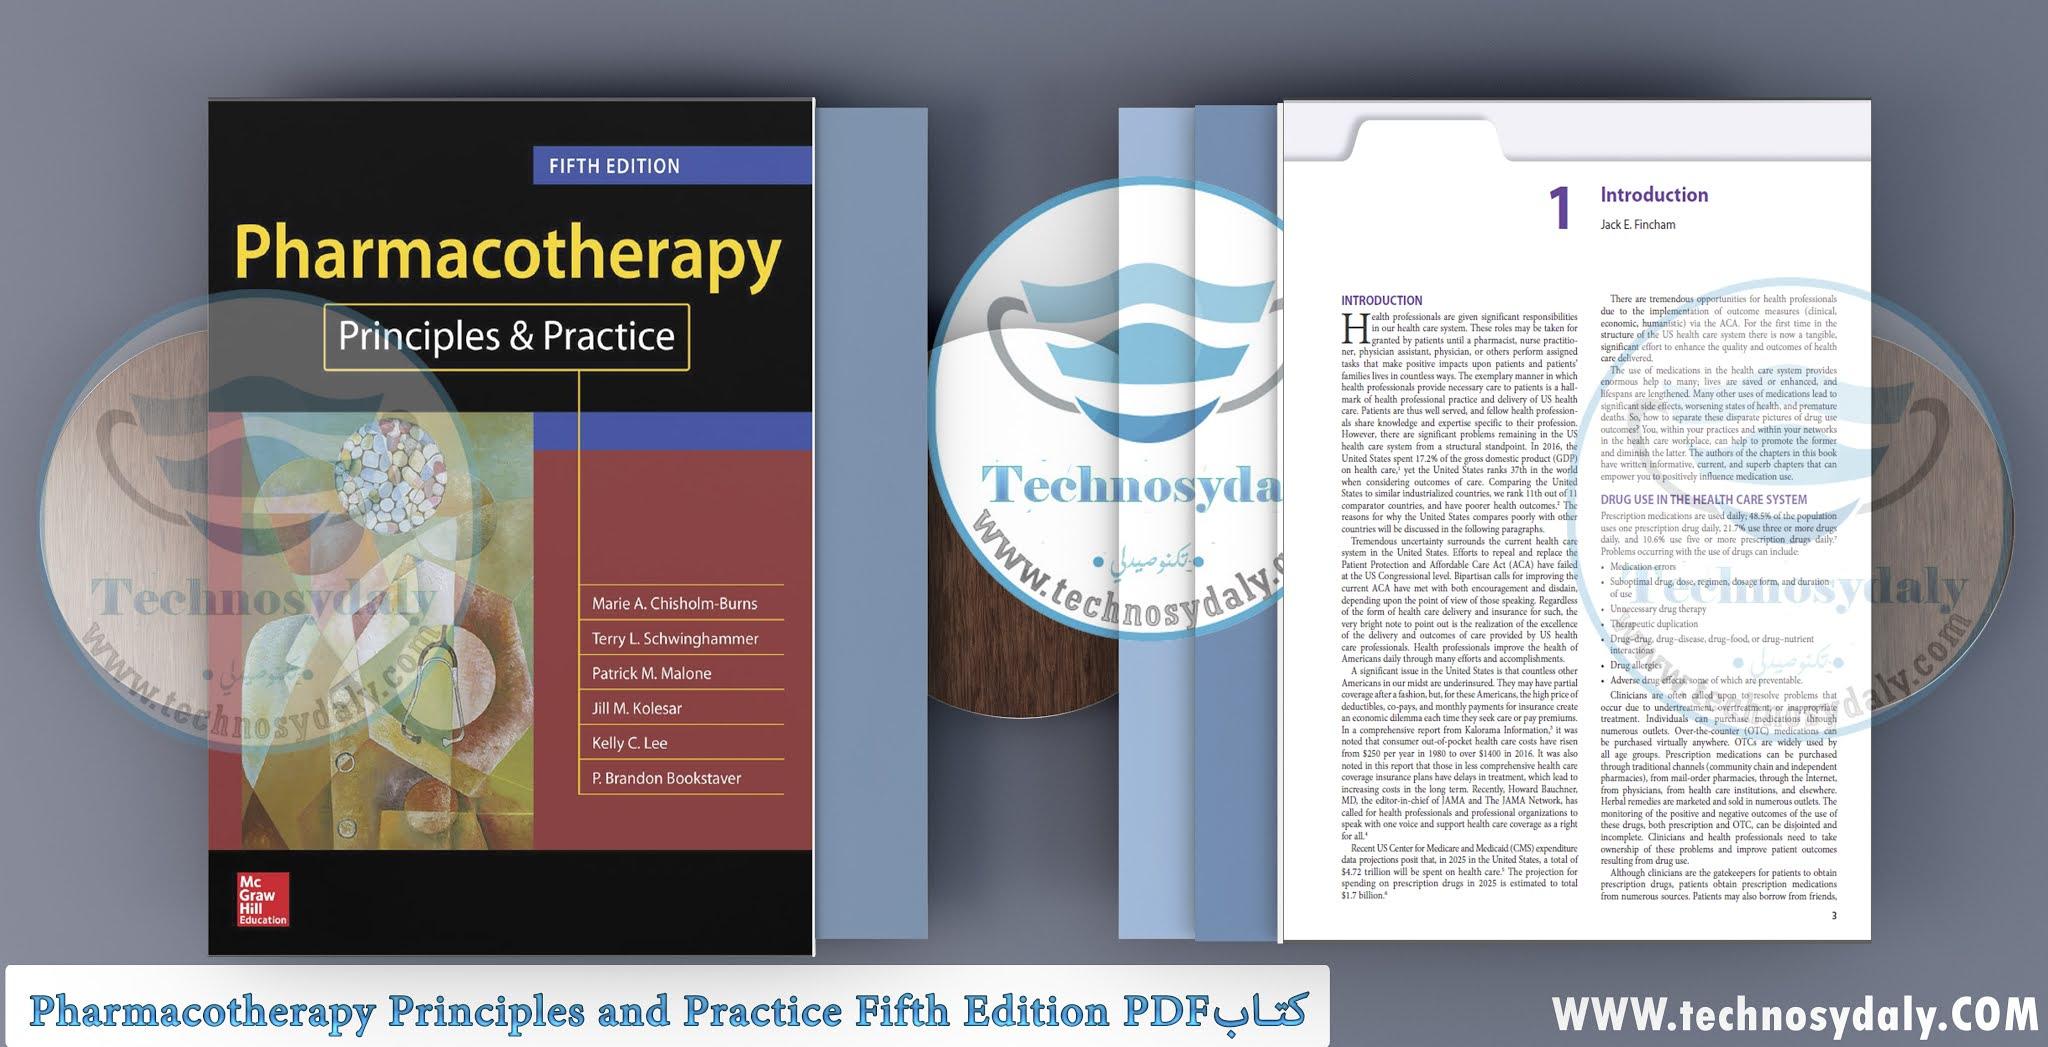 كتابPharmacotherapy Principles and Practice Fifth Edition PDF